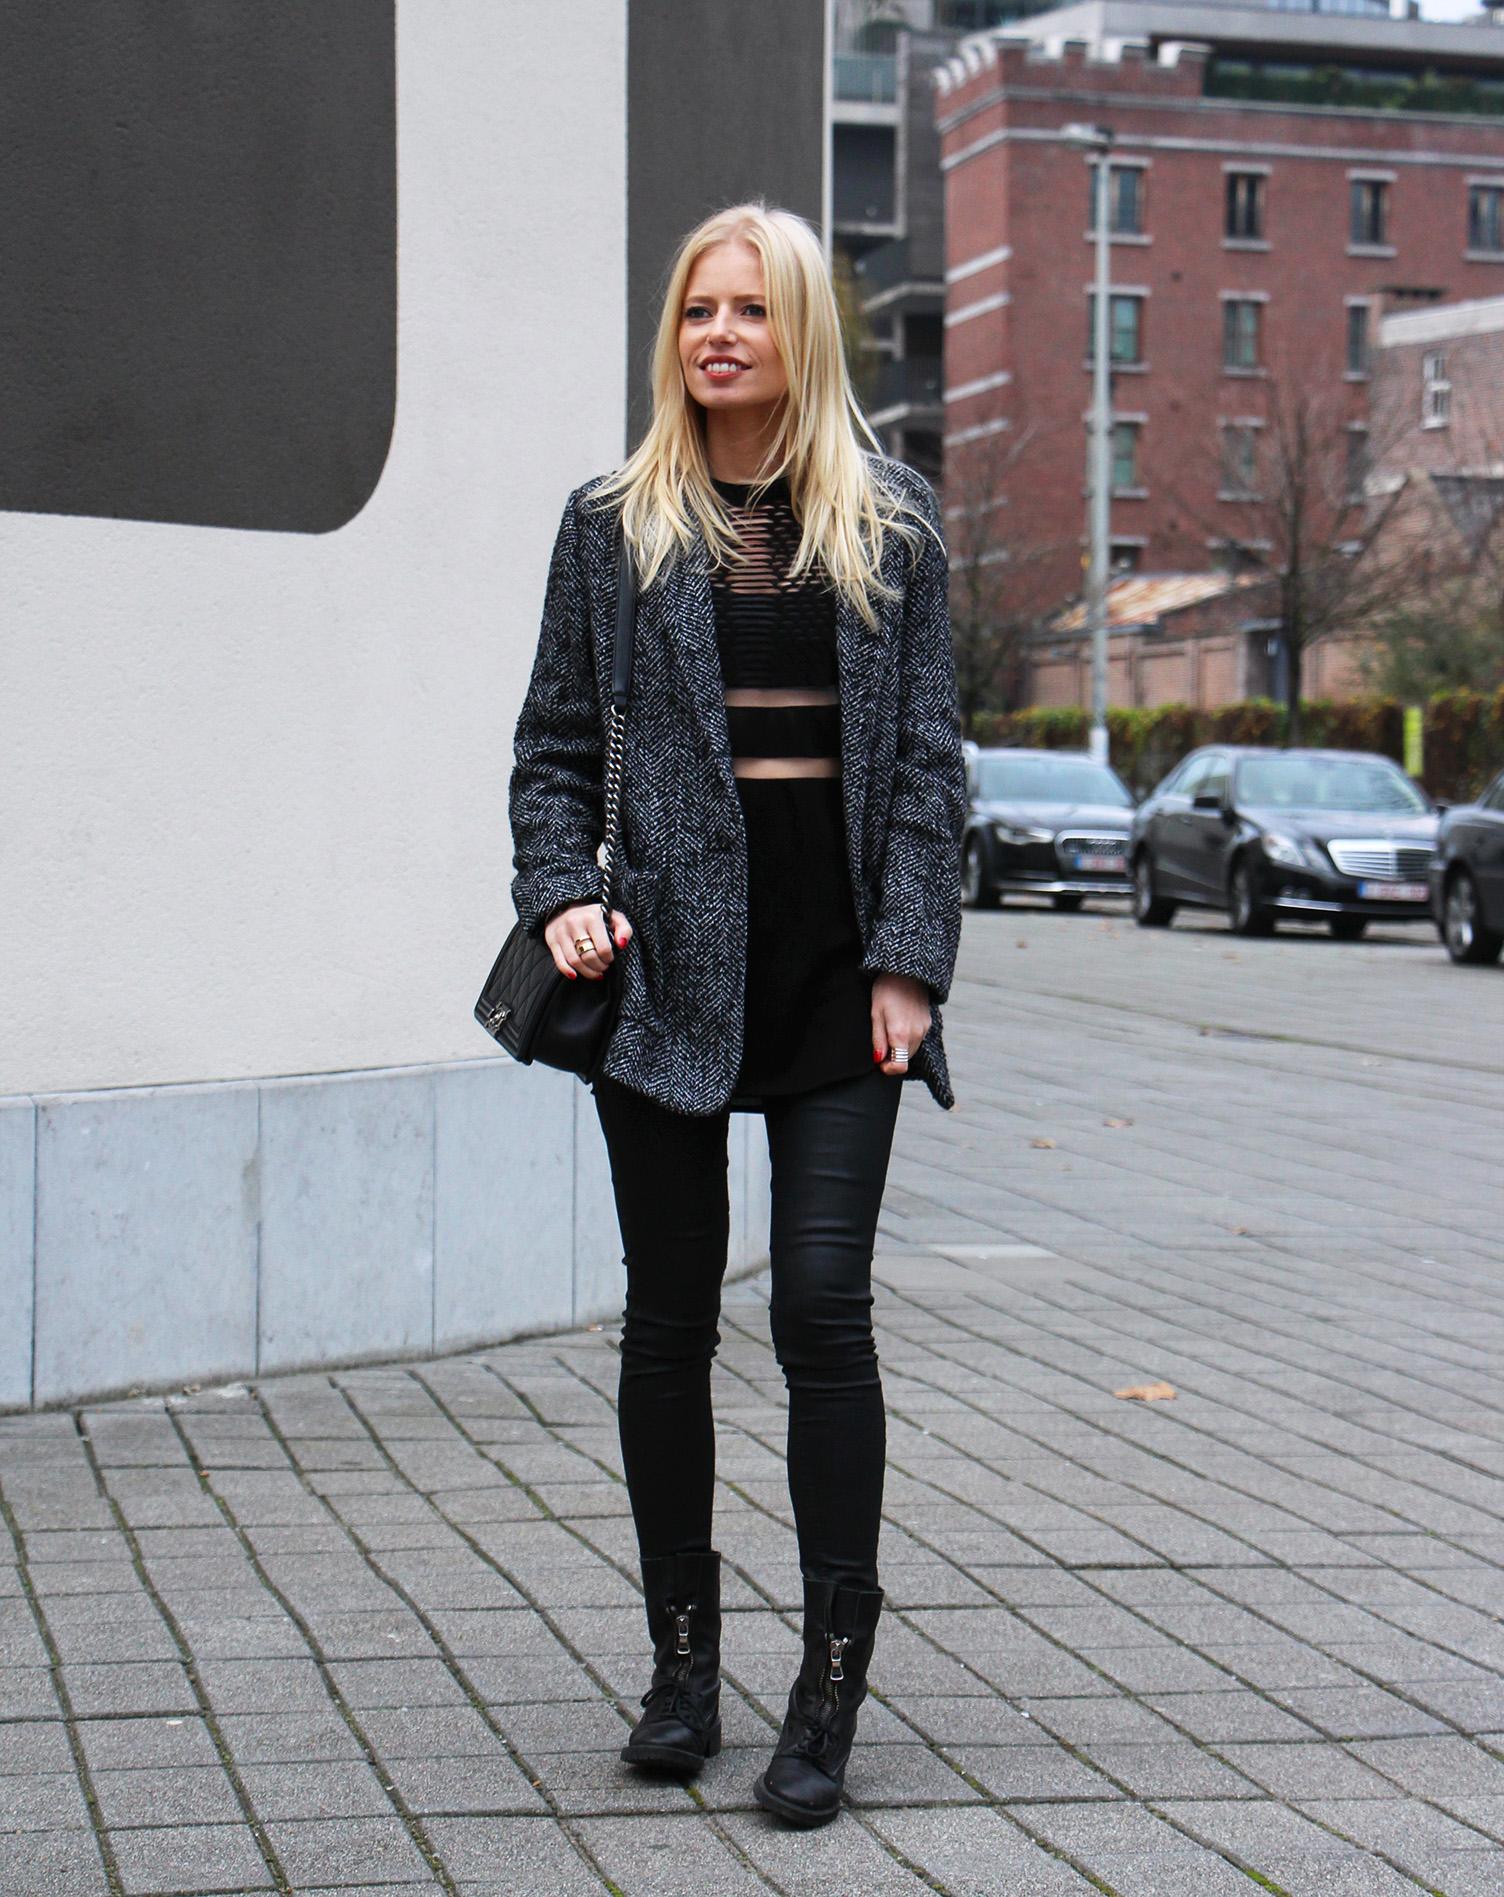 outfit6nov1